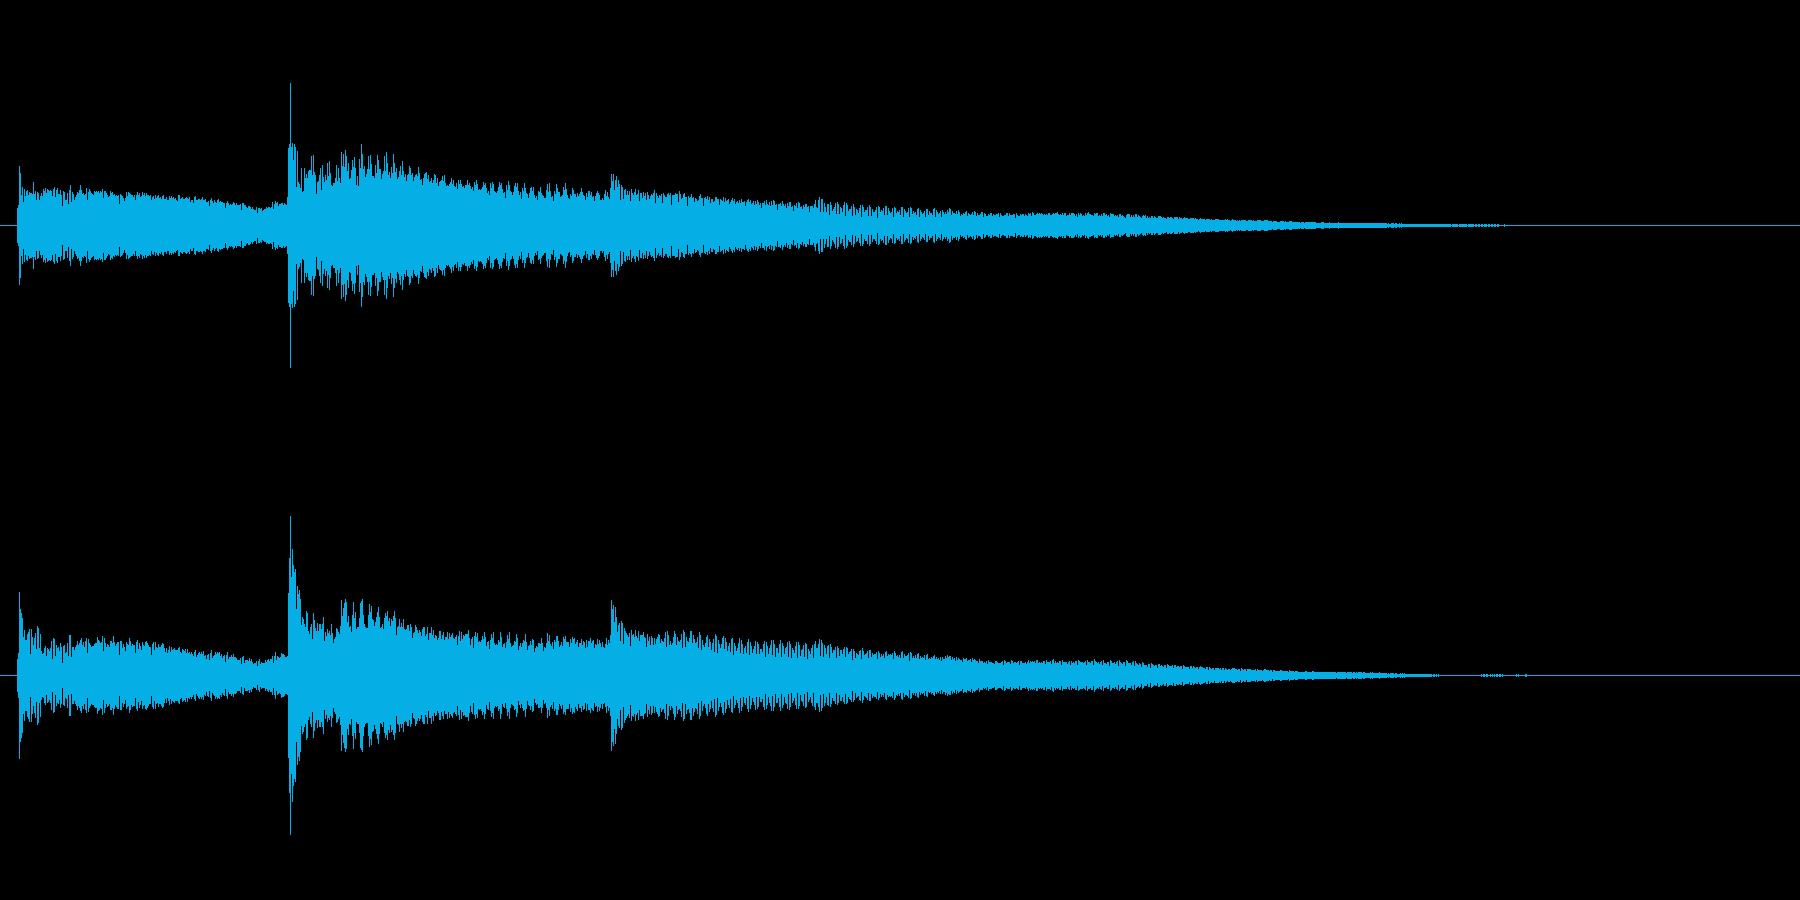 シンプルなコイン取得音(低音)の再生済みの波形